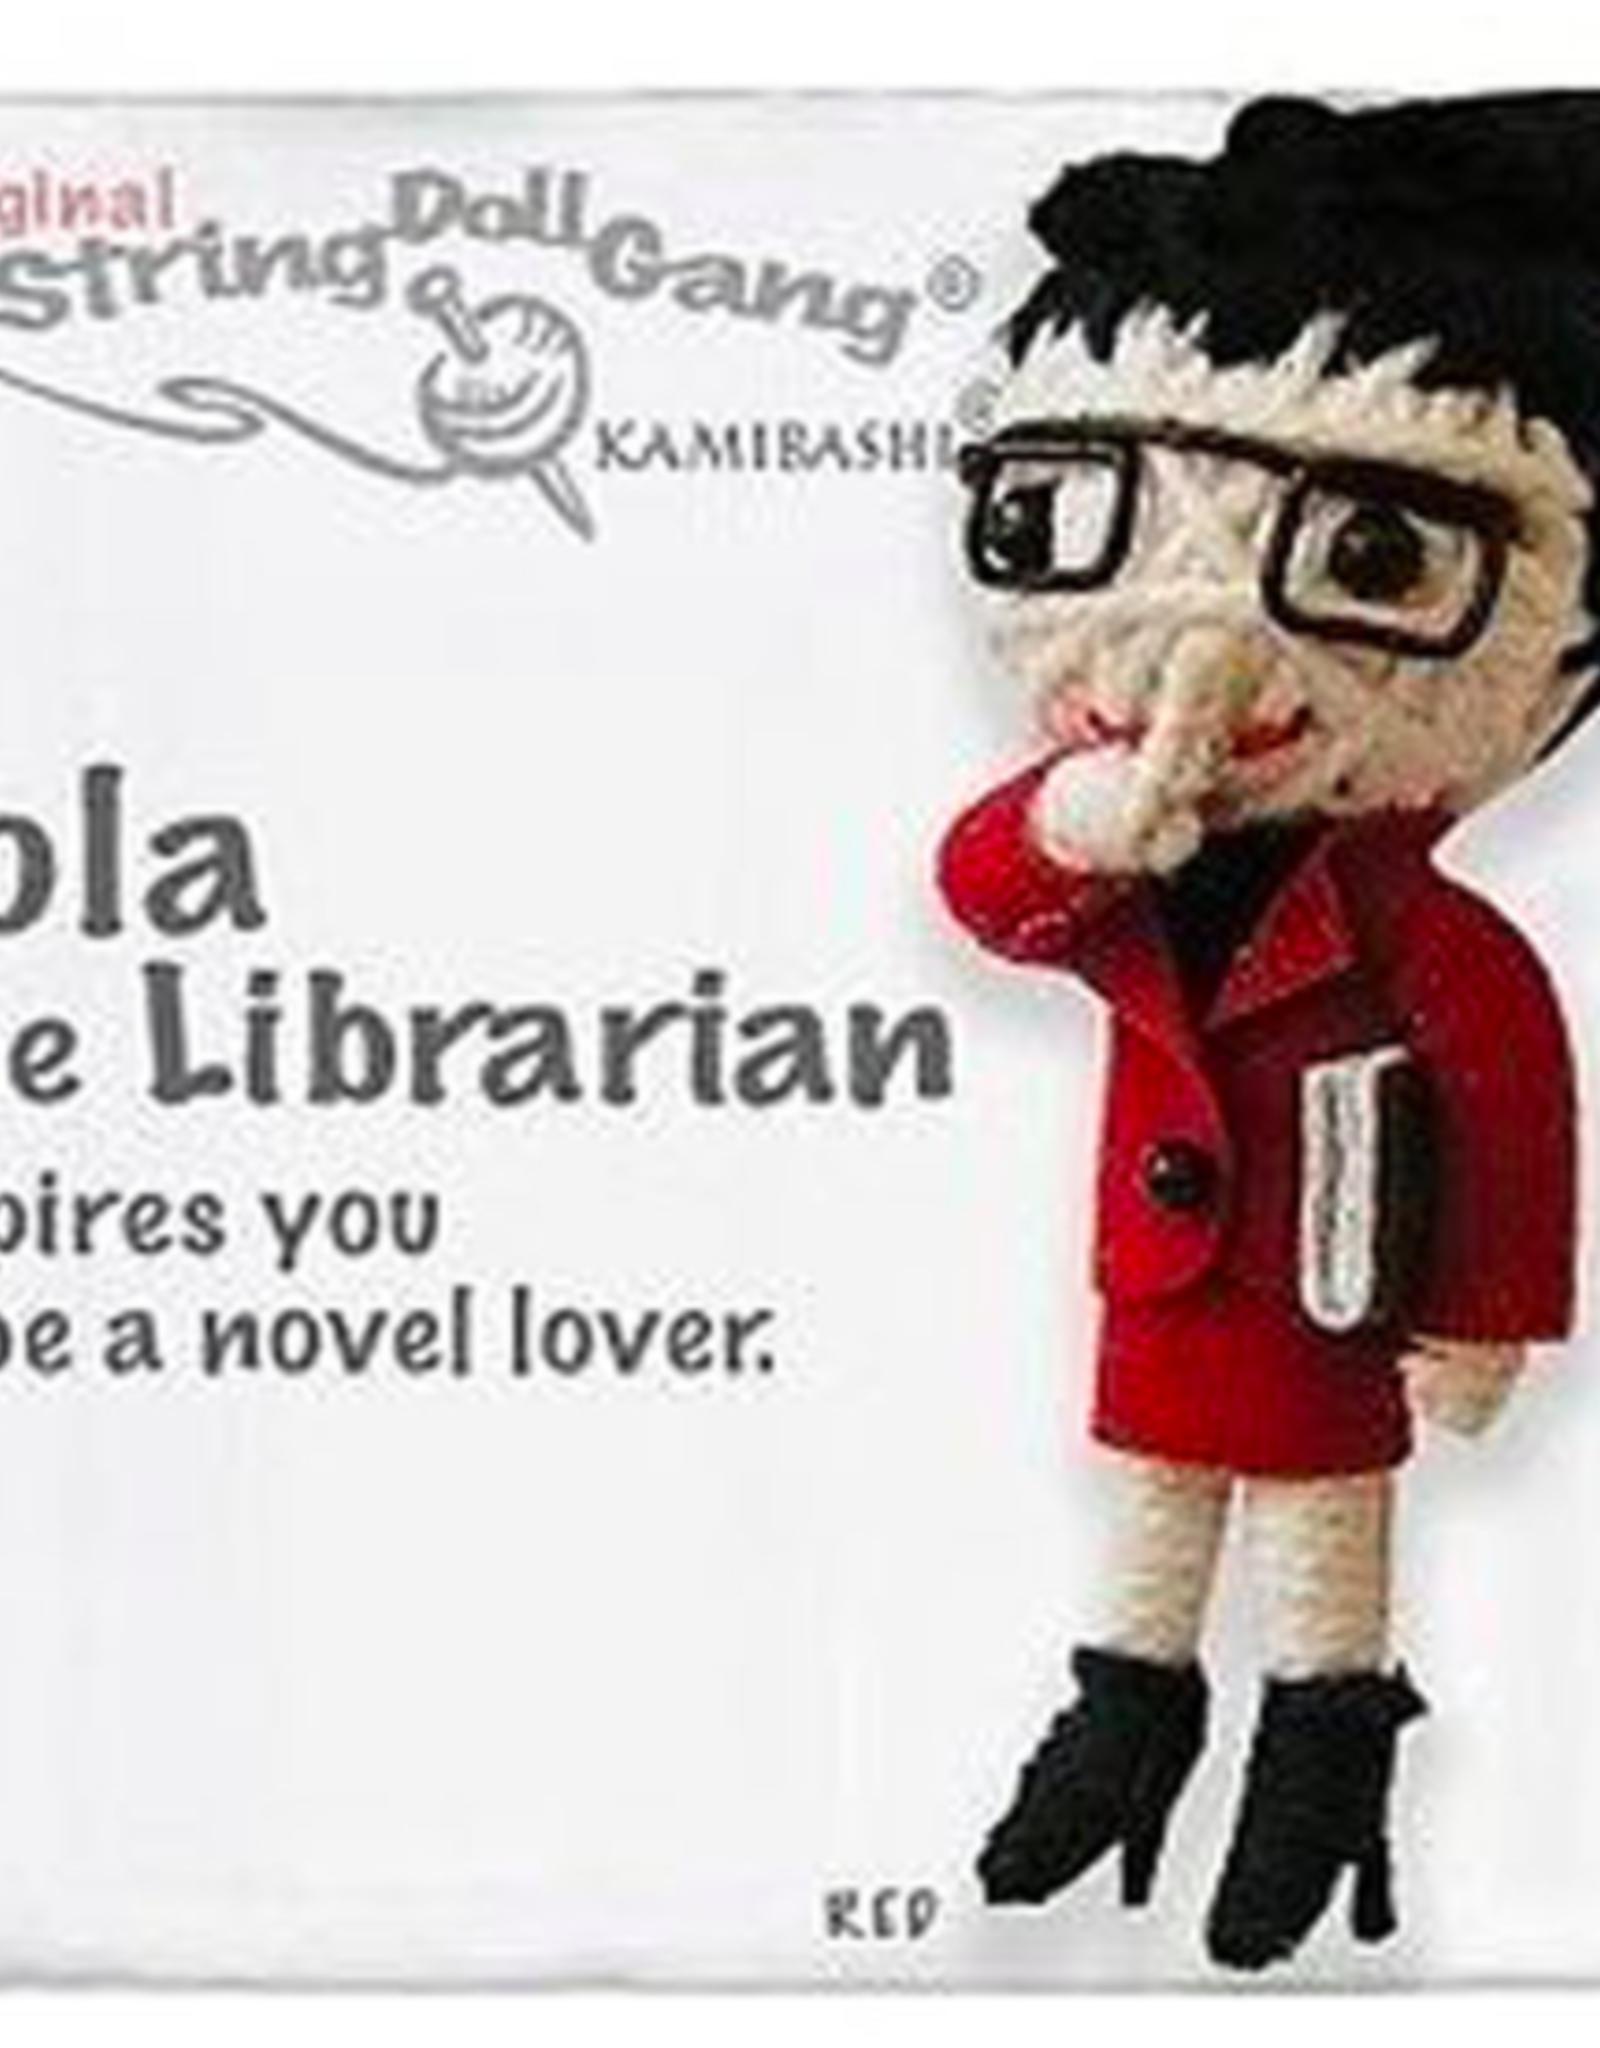 Stringdoll Lola